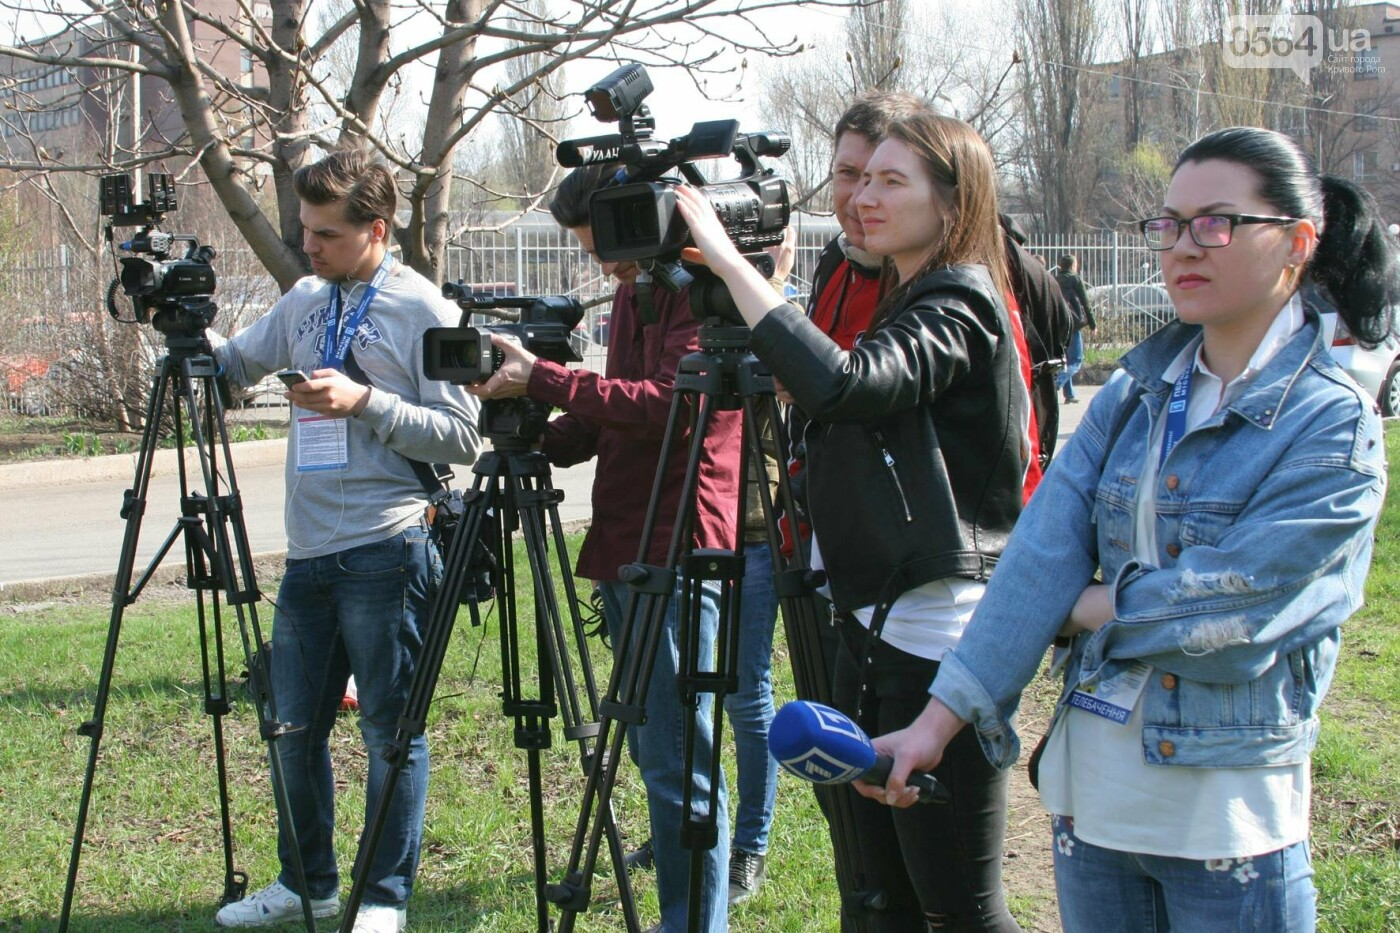 Криворожские журналисты с друзьями высадили более сотни деревьев и вывезли 4 грузовика мусора (ФОТО), фото-12